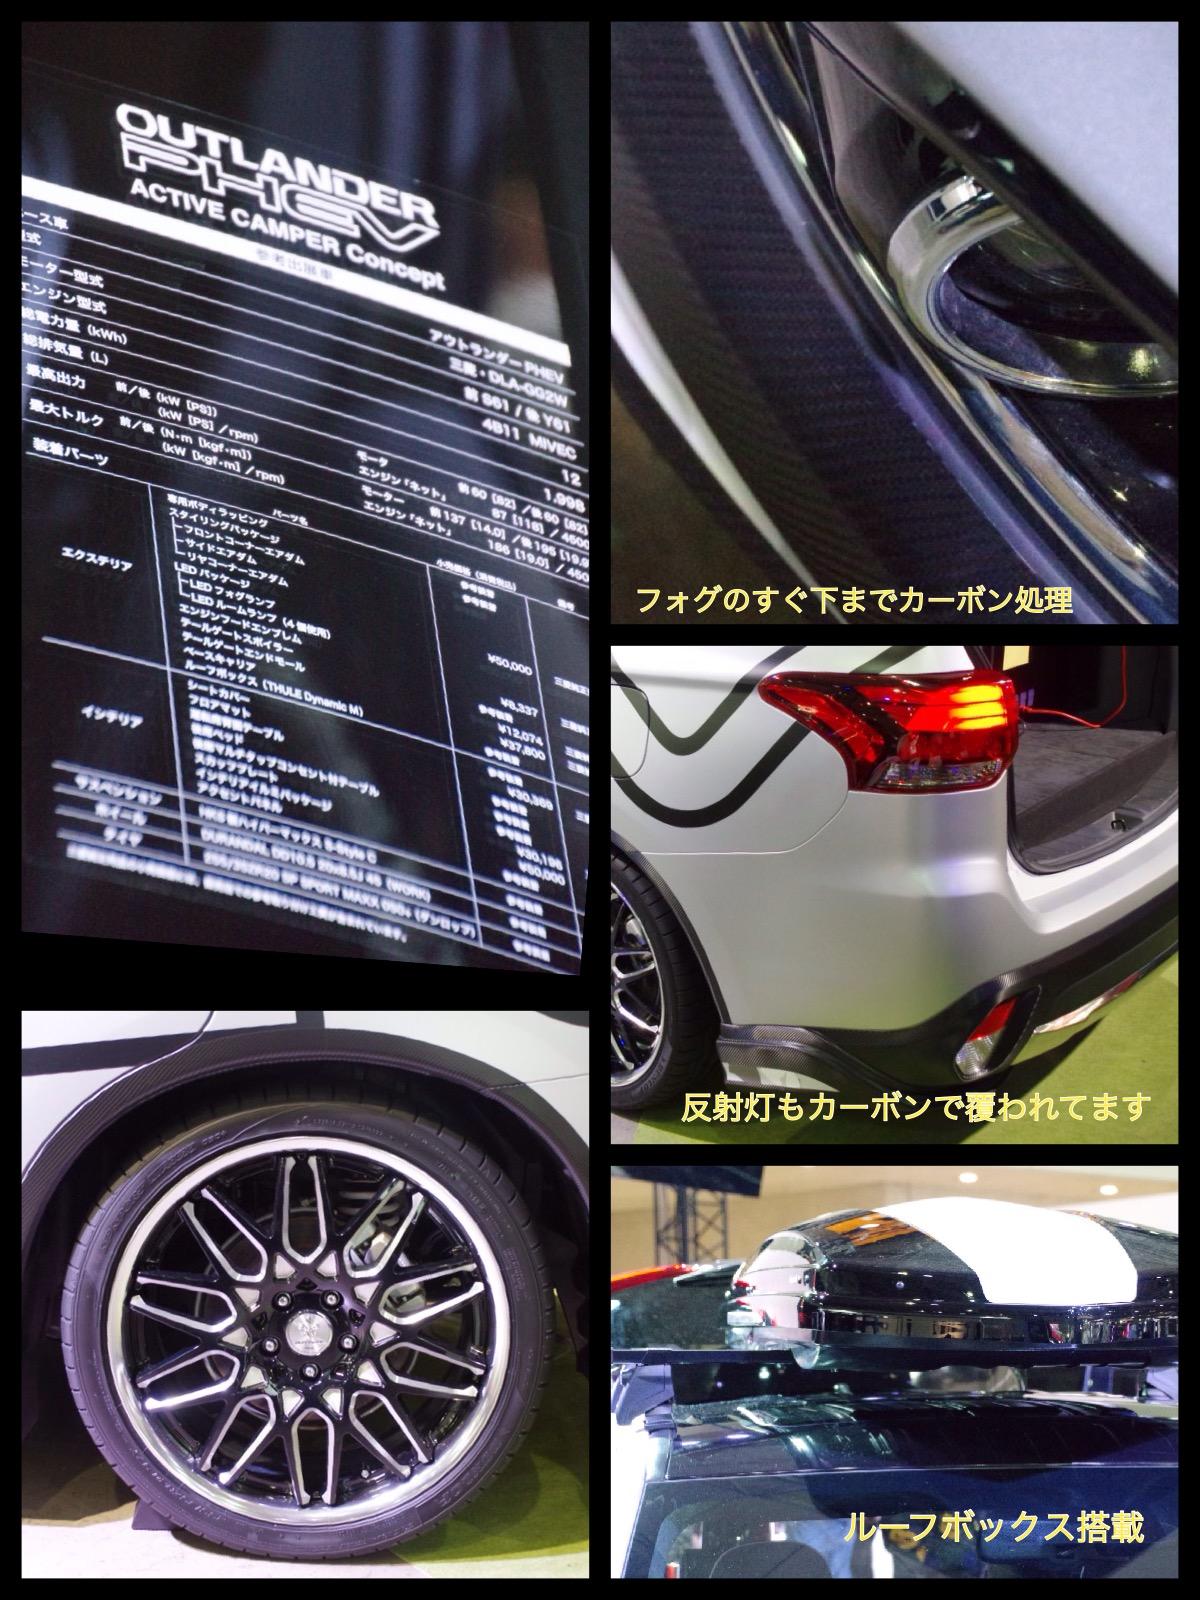 アウトランダーPHEV アクティブキャンパーコンセプト 東京オートサロン2016